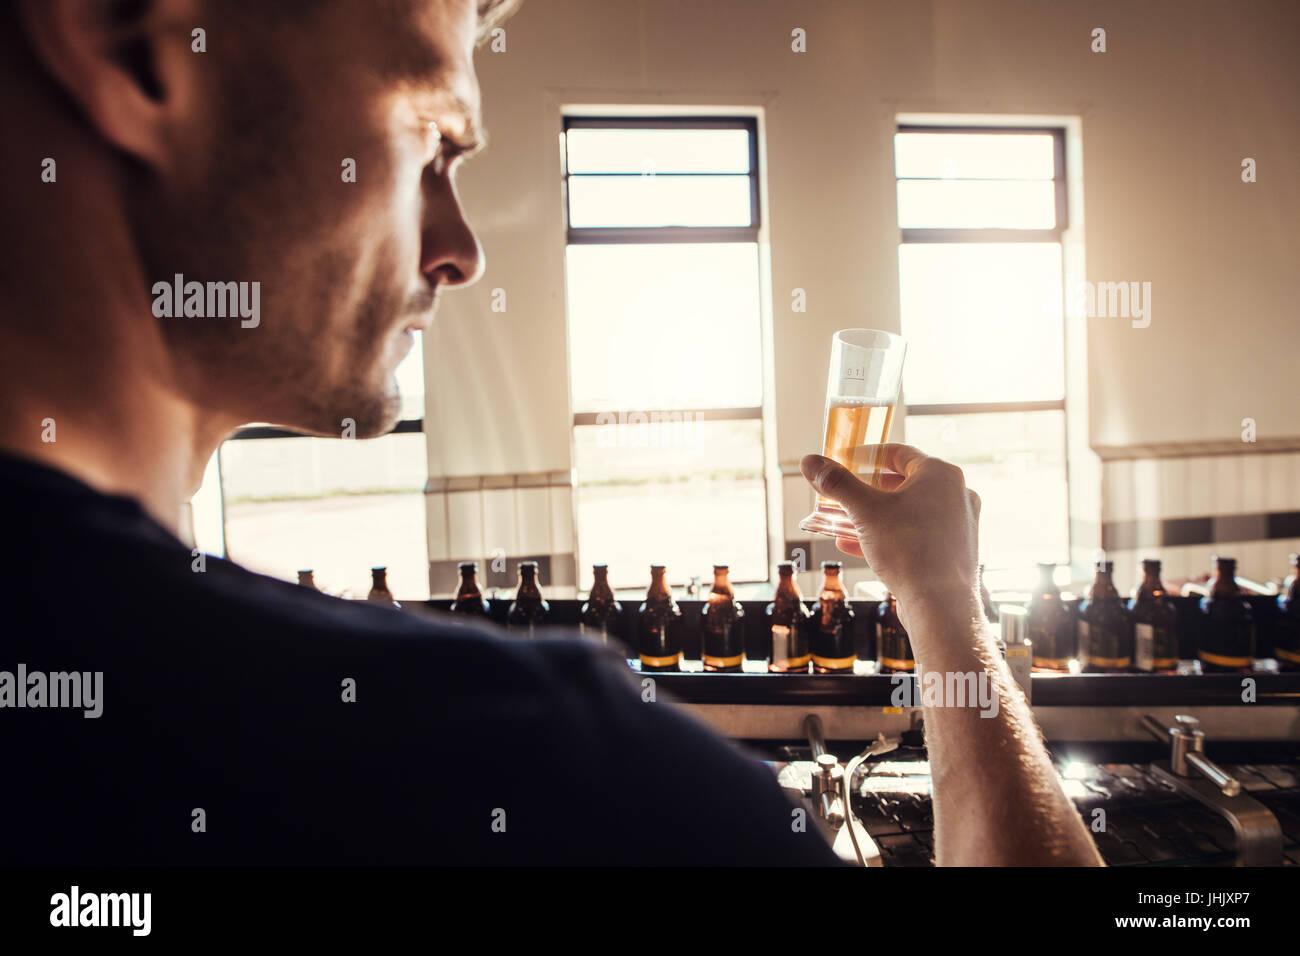 Birraio maschio test birra artigianale presso la fabbrica di birra fabbrica. Giovane uomo esaminando la birra in Immagini Stock